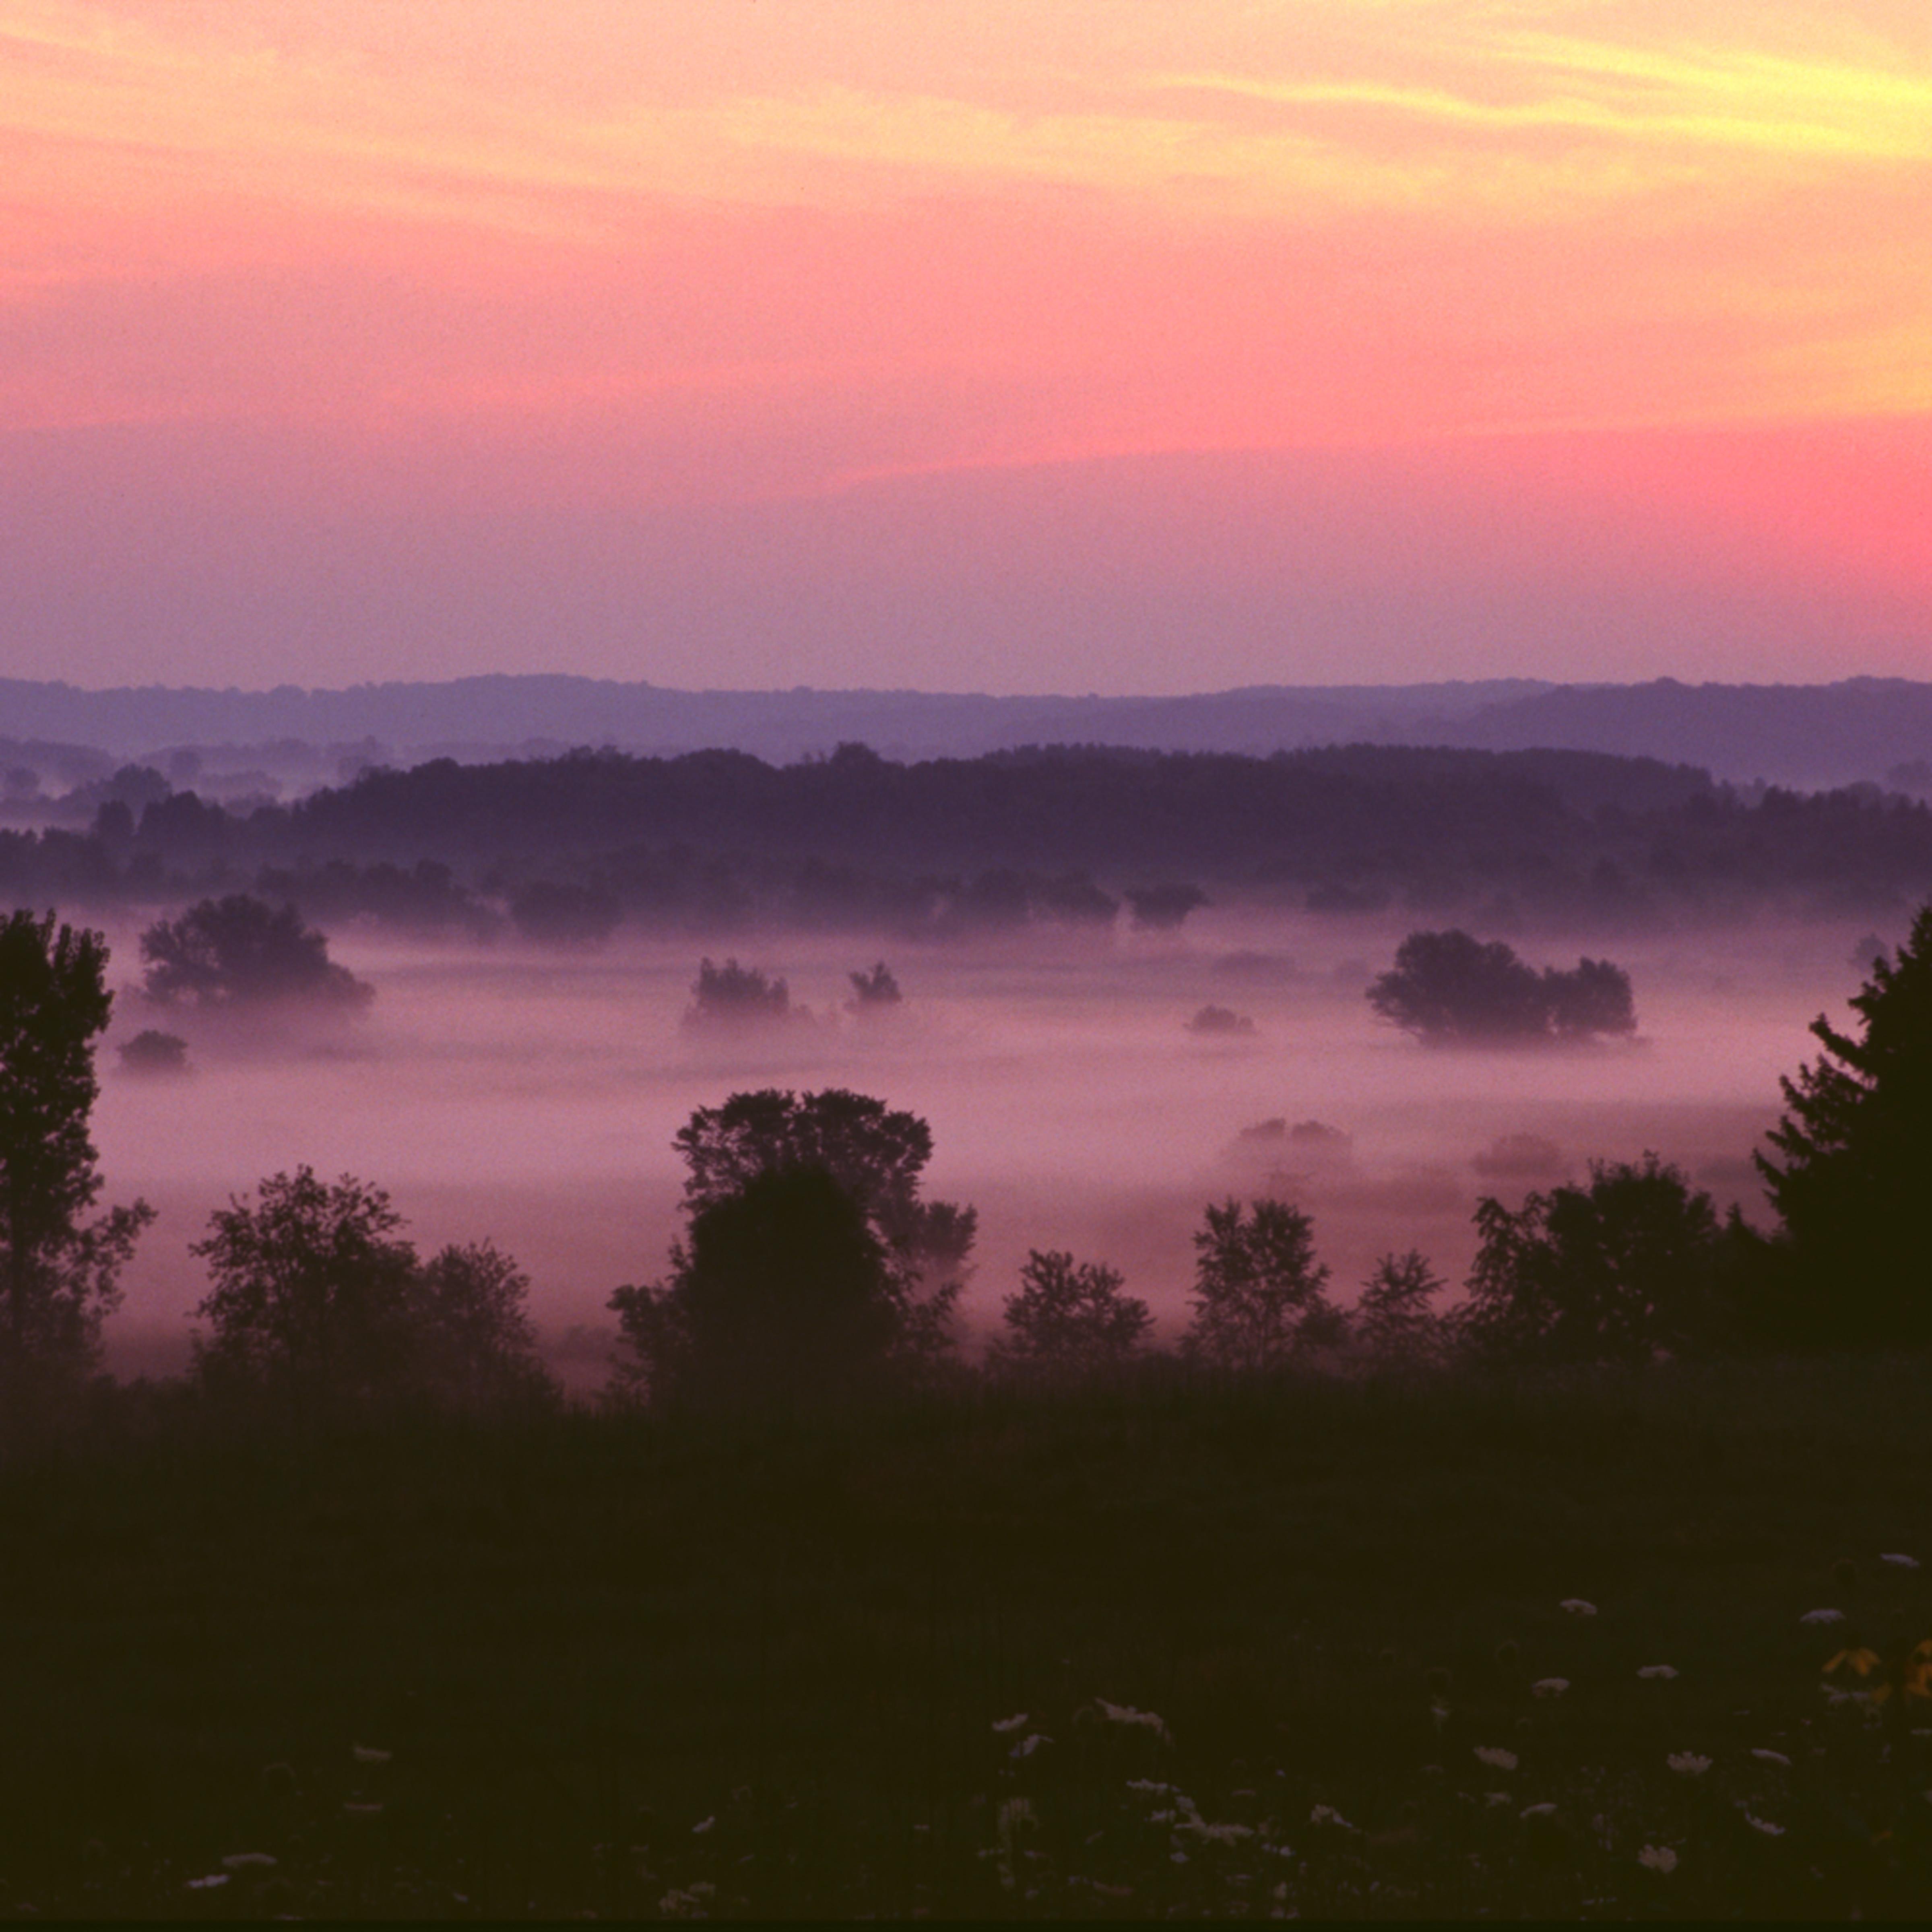 Sunrise fog j08 nid6rt